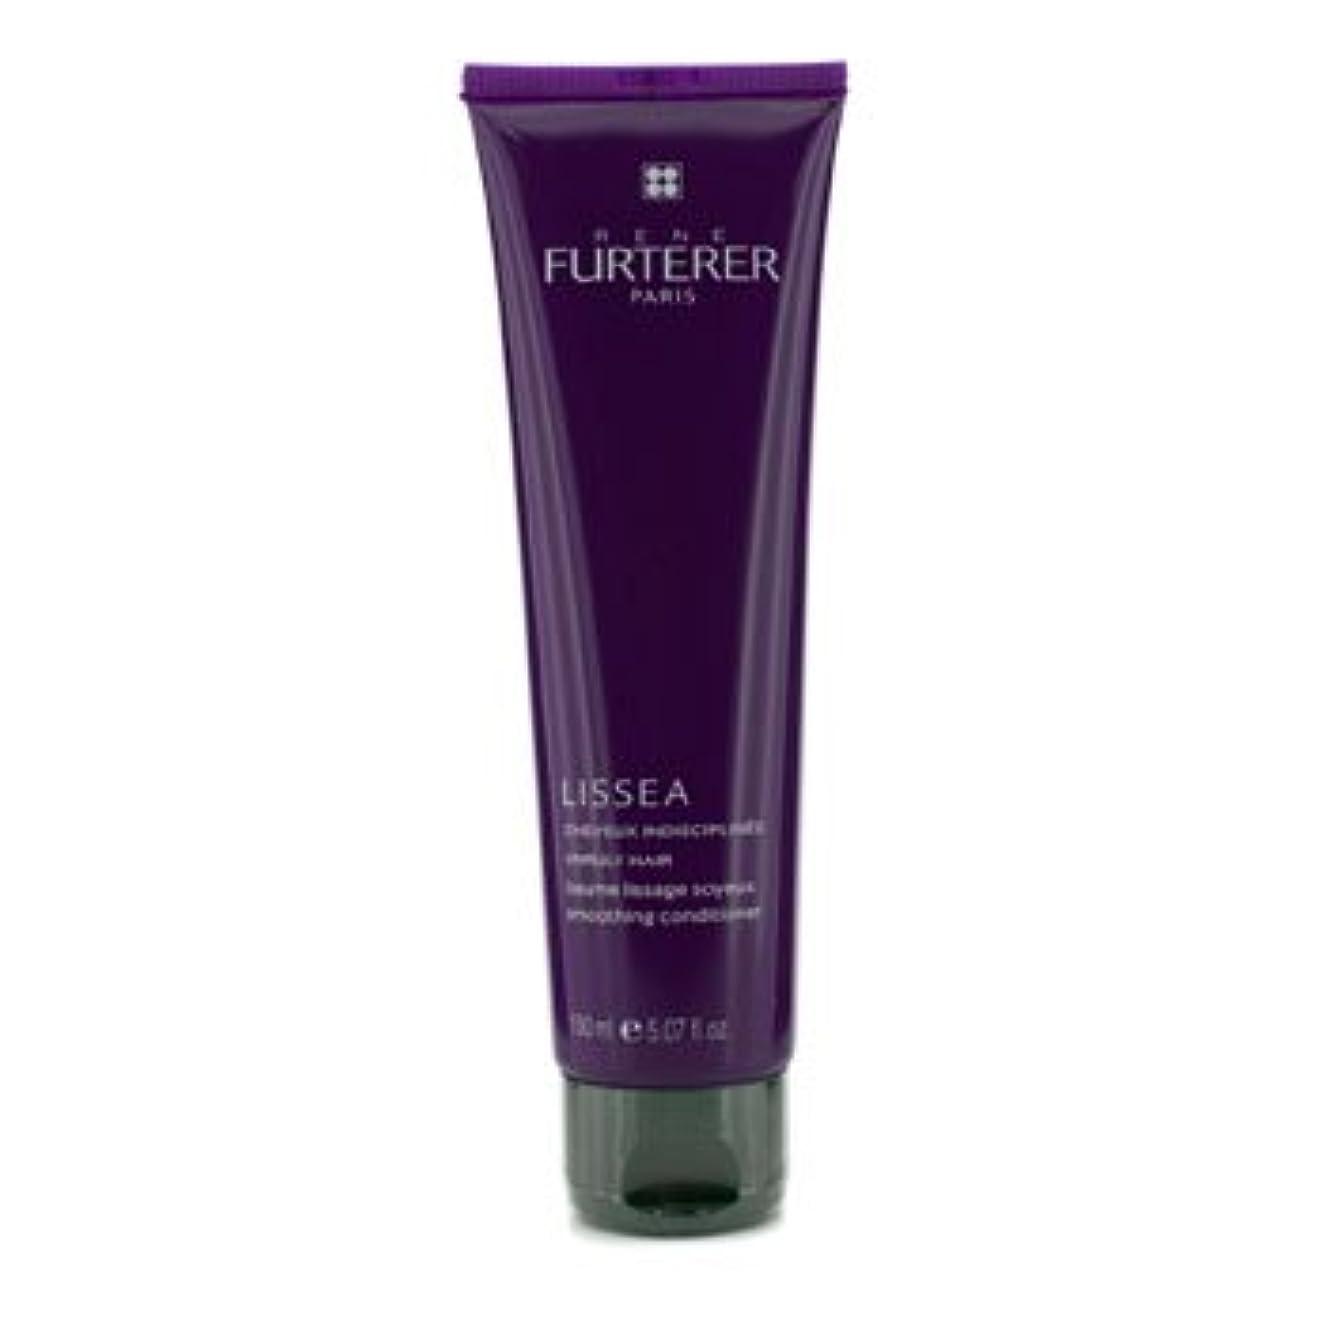 ウッズ代表団キャンセル[Rene Furterer] Lissea Smoothing Conditioner (For Unruly Hair) 150ml/5.07oz